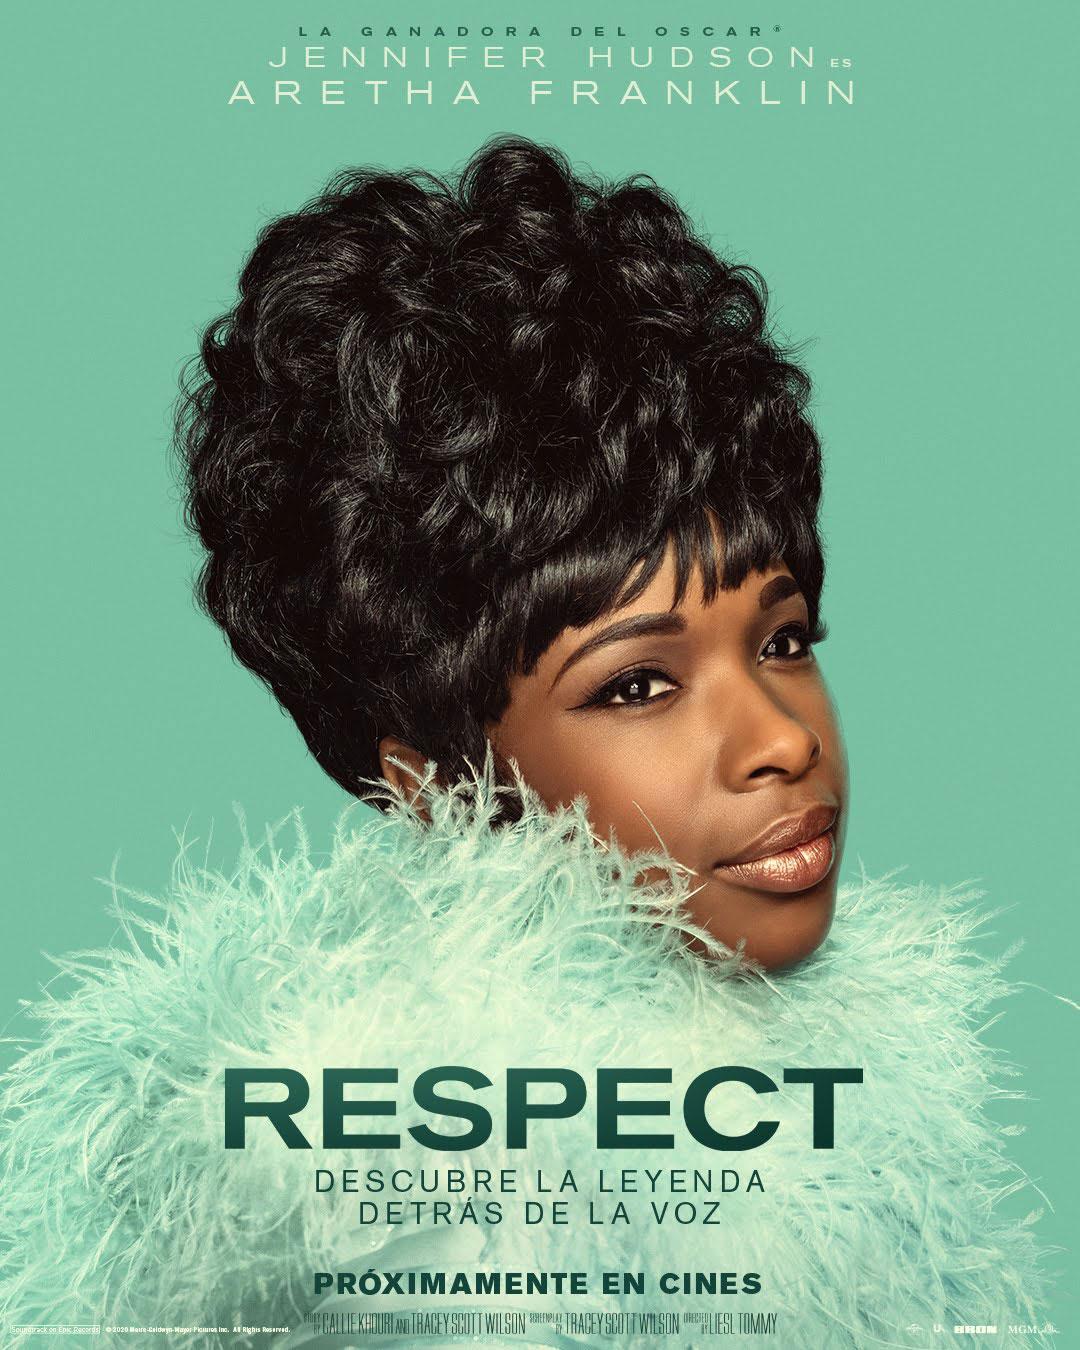 Respect - Película 2020 - SensaCine.com